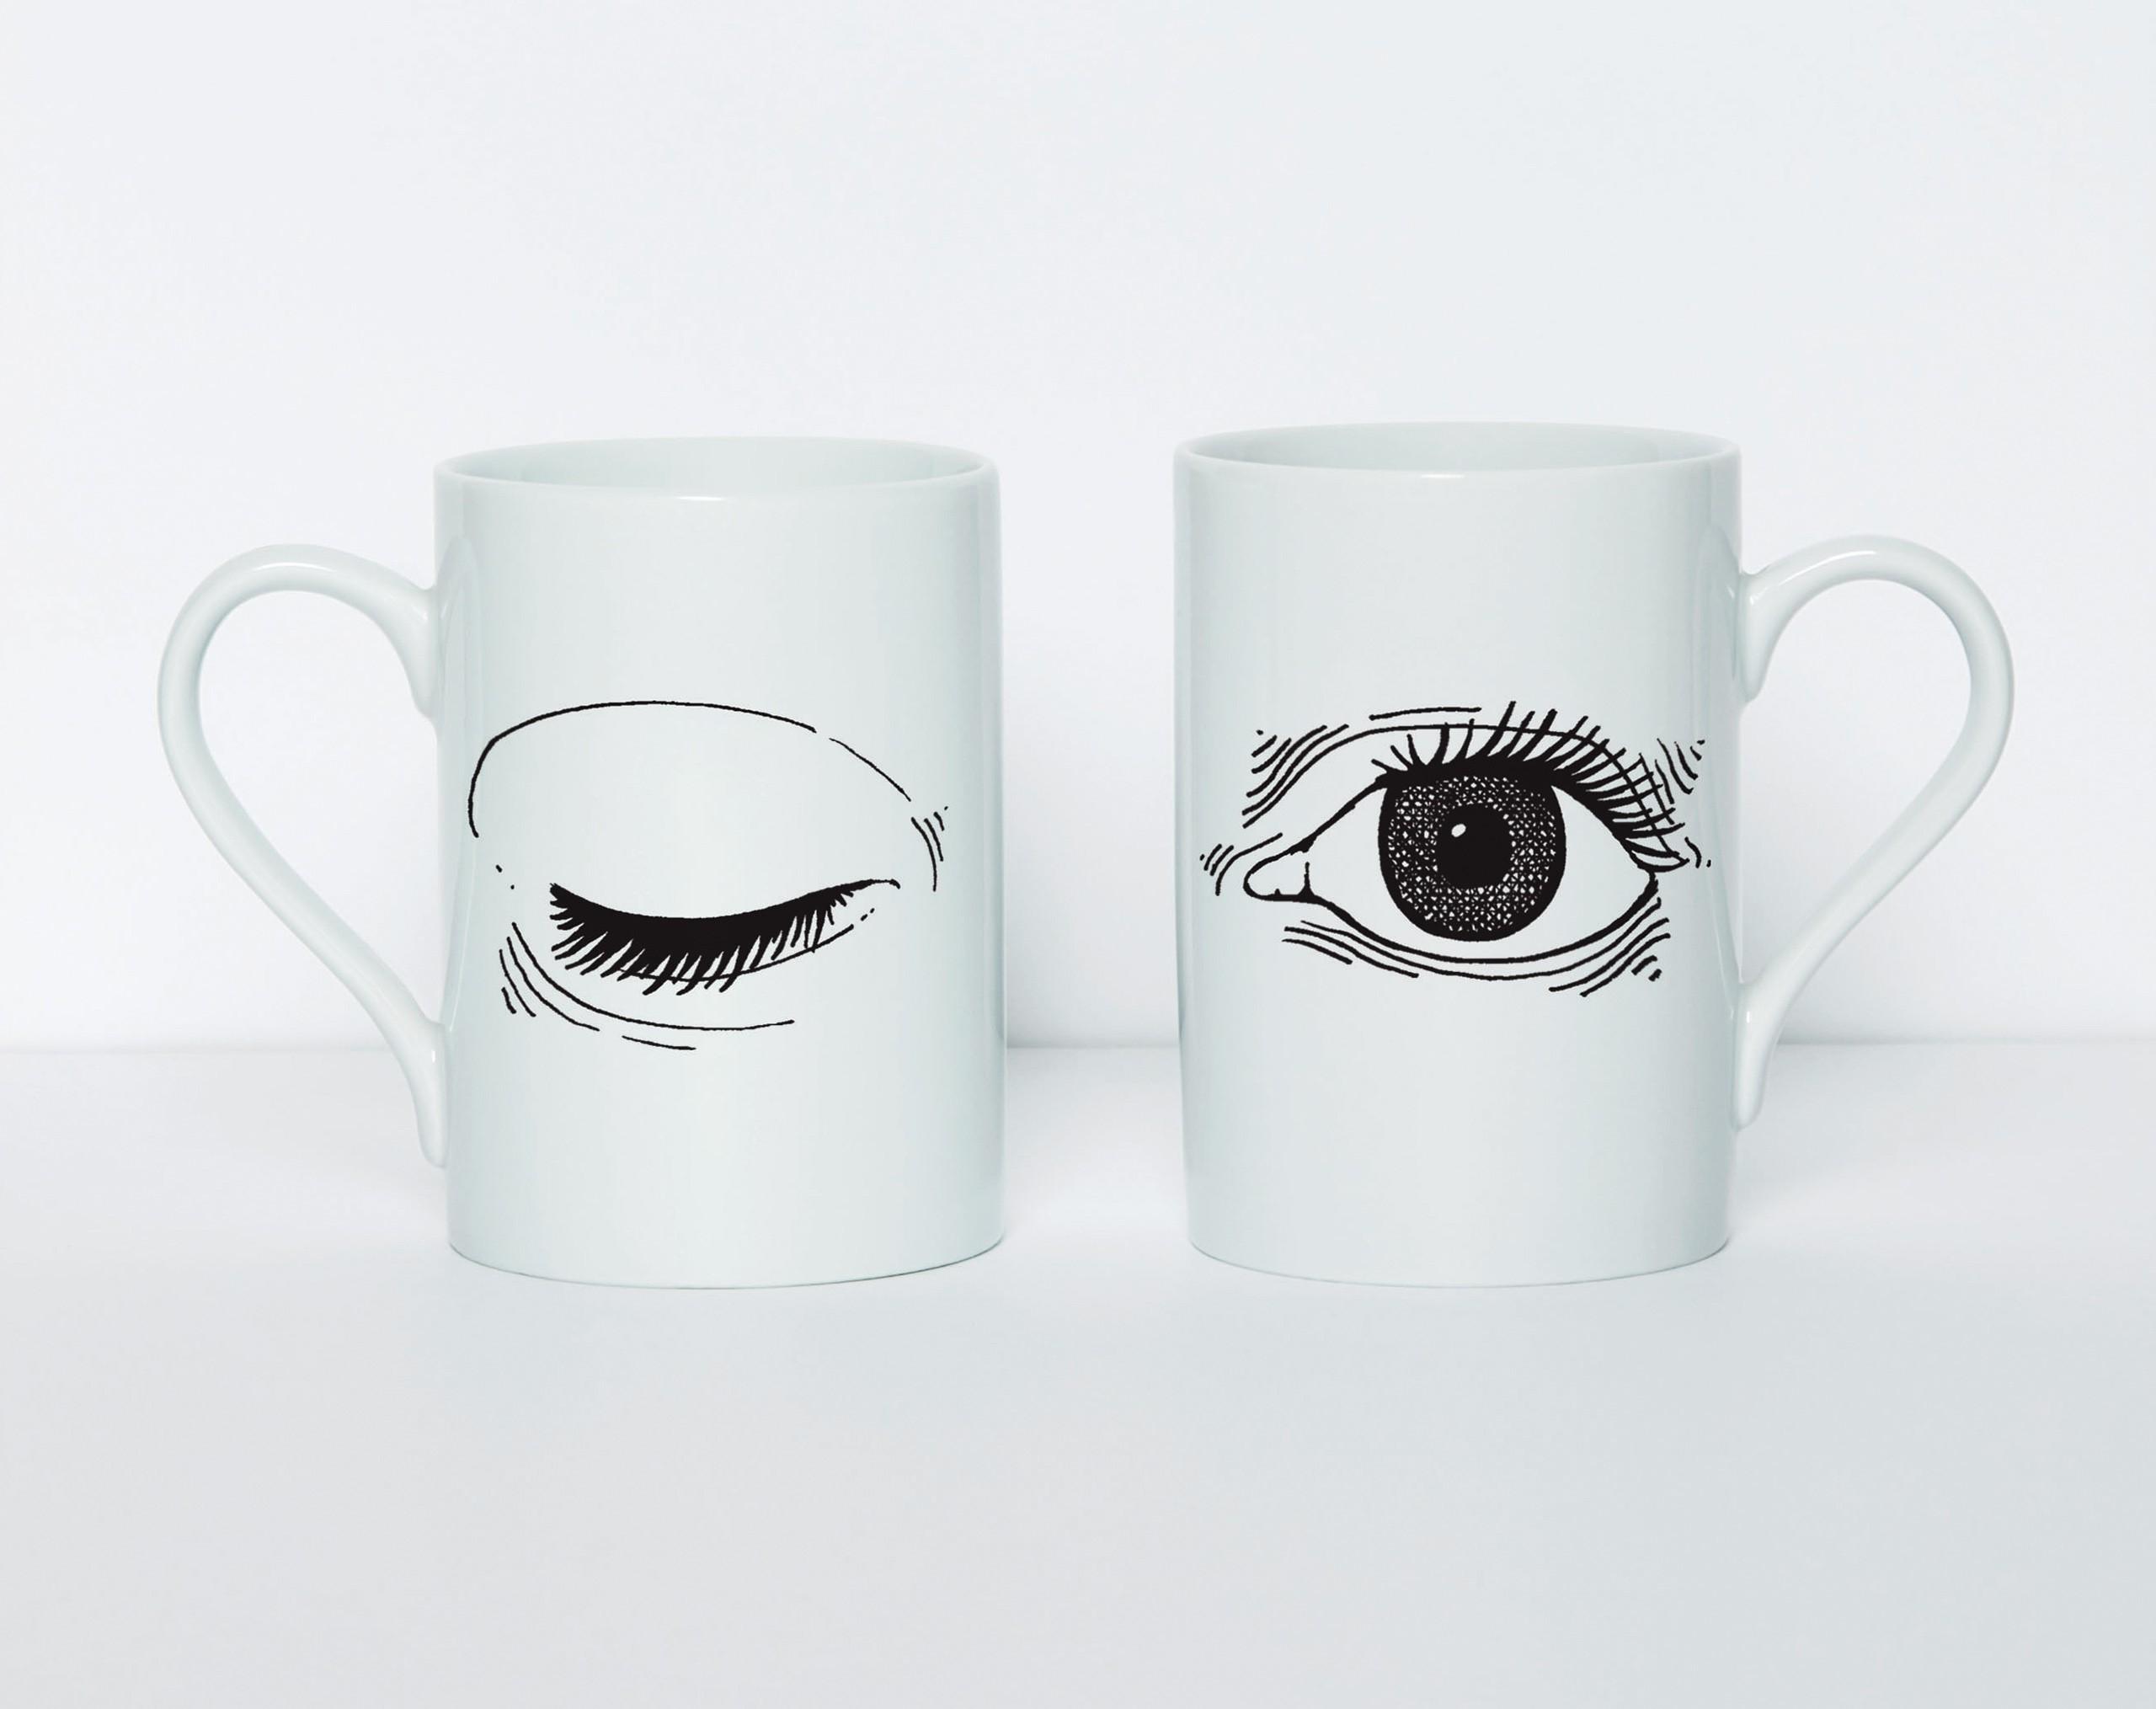 I.t. mug